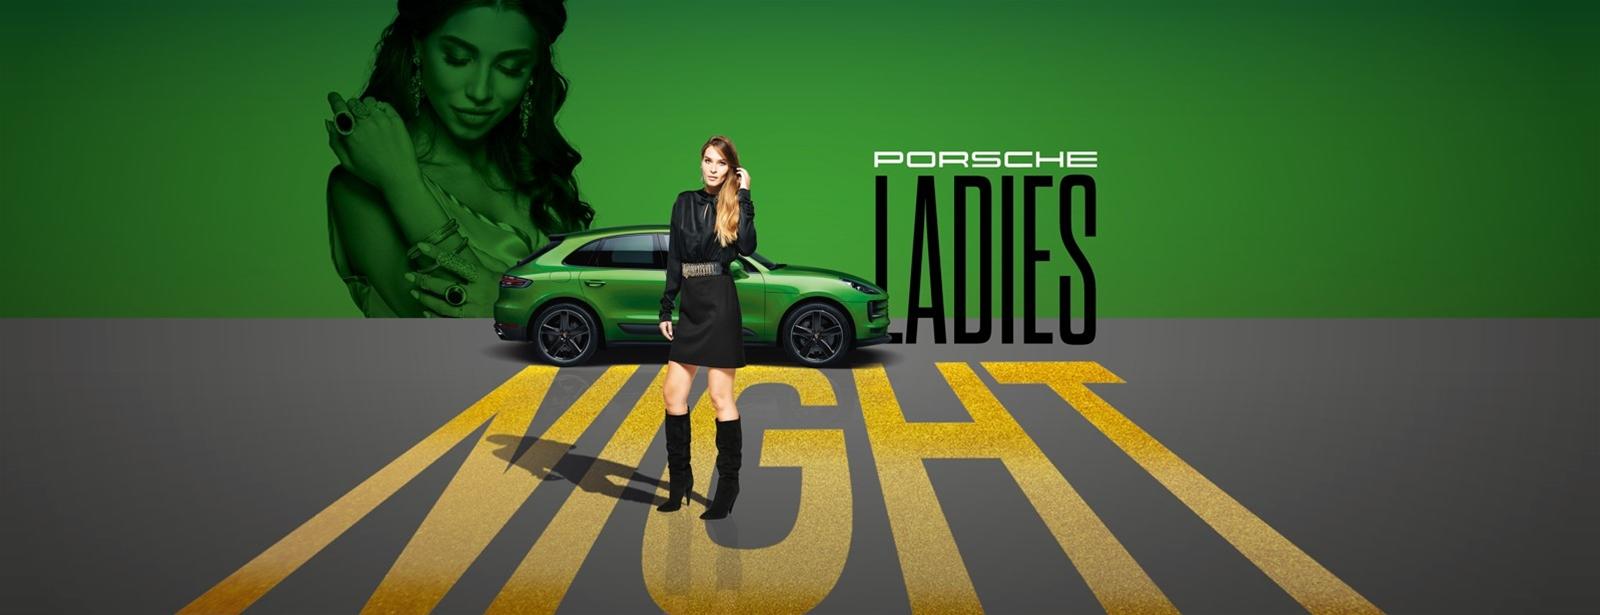 Porsche Macan Ladies Night